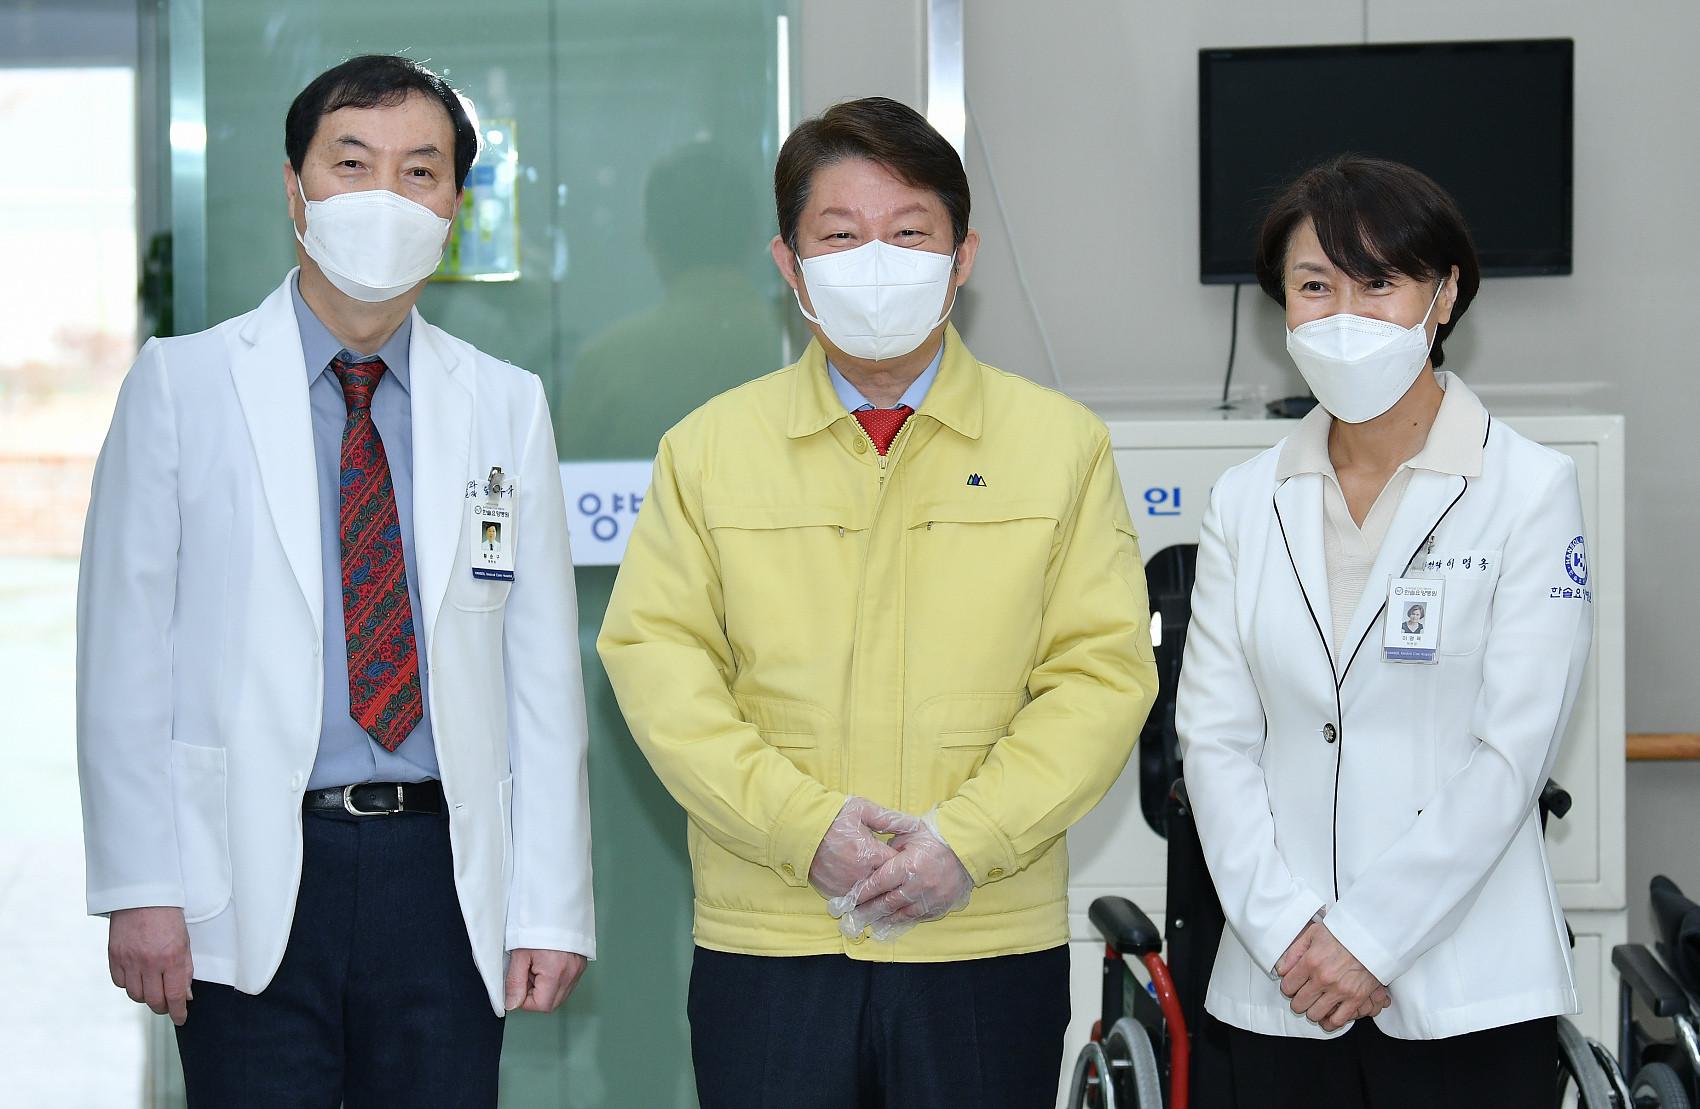 ▲▼南韓2月26日開放新冠疫苗接種,圖中黃衣者為大邱市長權泳臻。(圖/CFP)